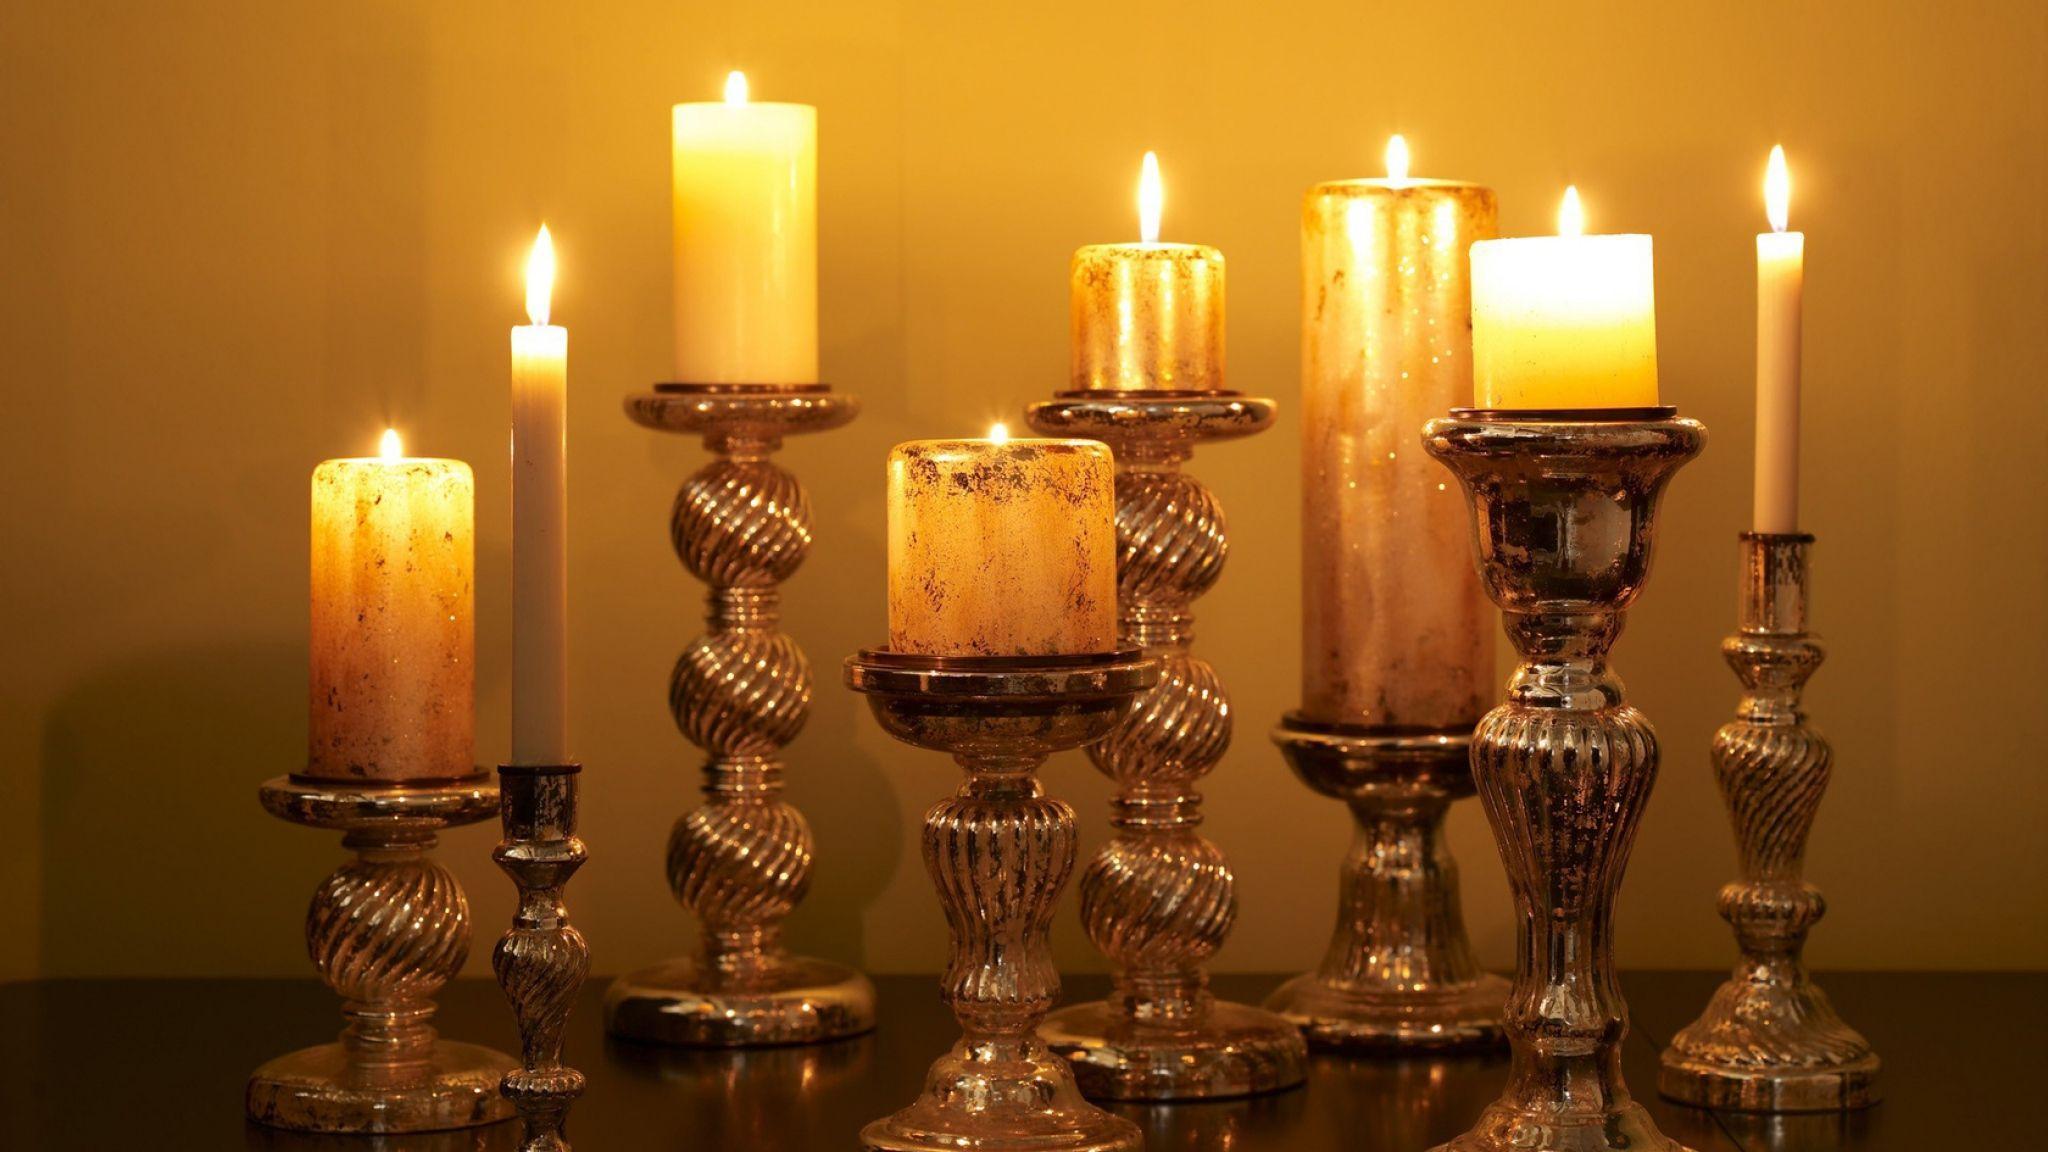 burning candle images free